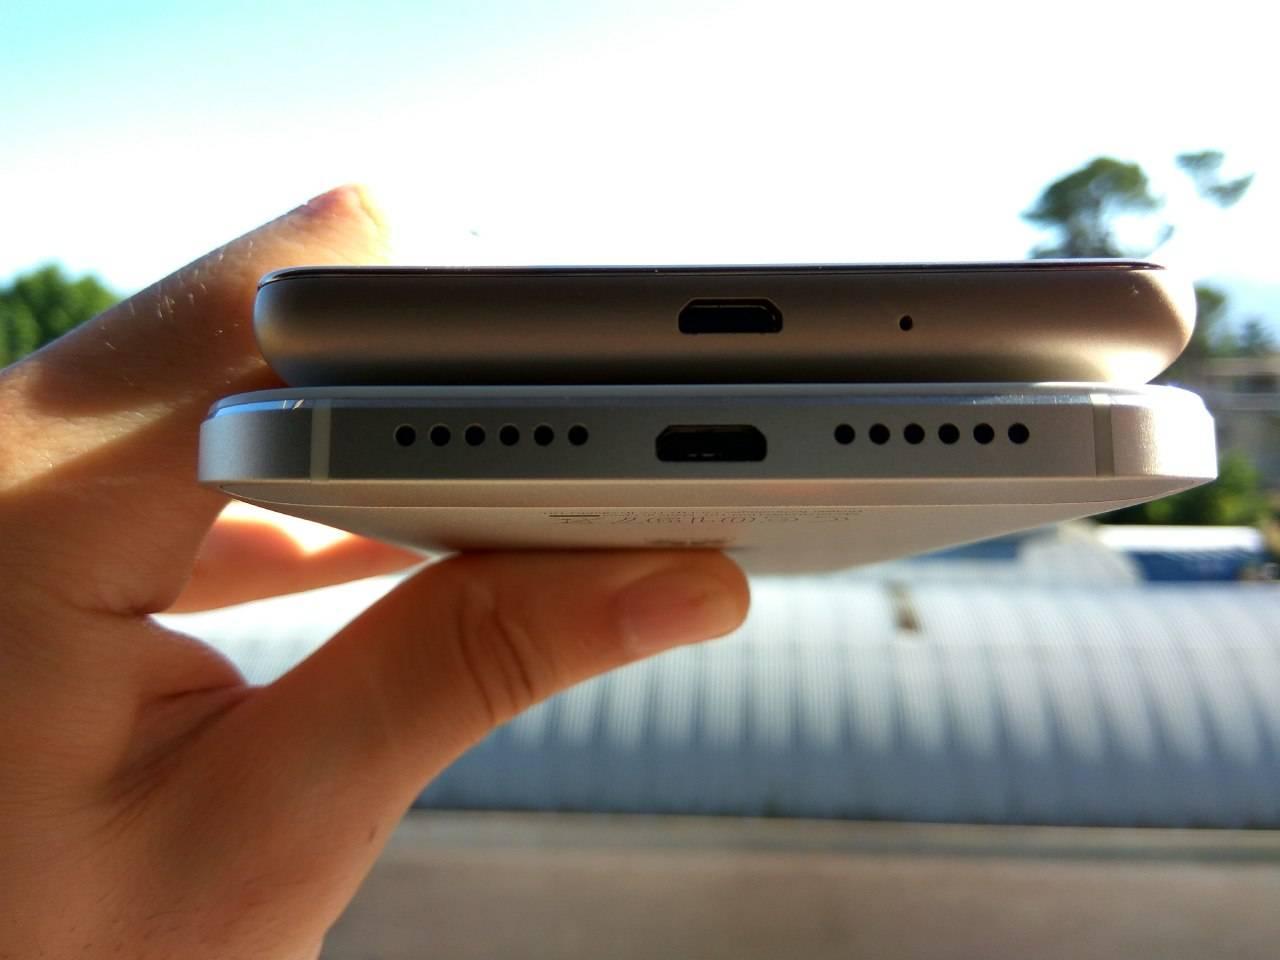 Xiaomi Redmi 3 Pro vs Huawei G8